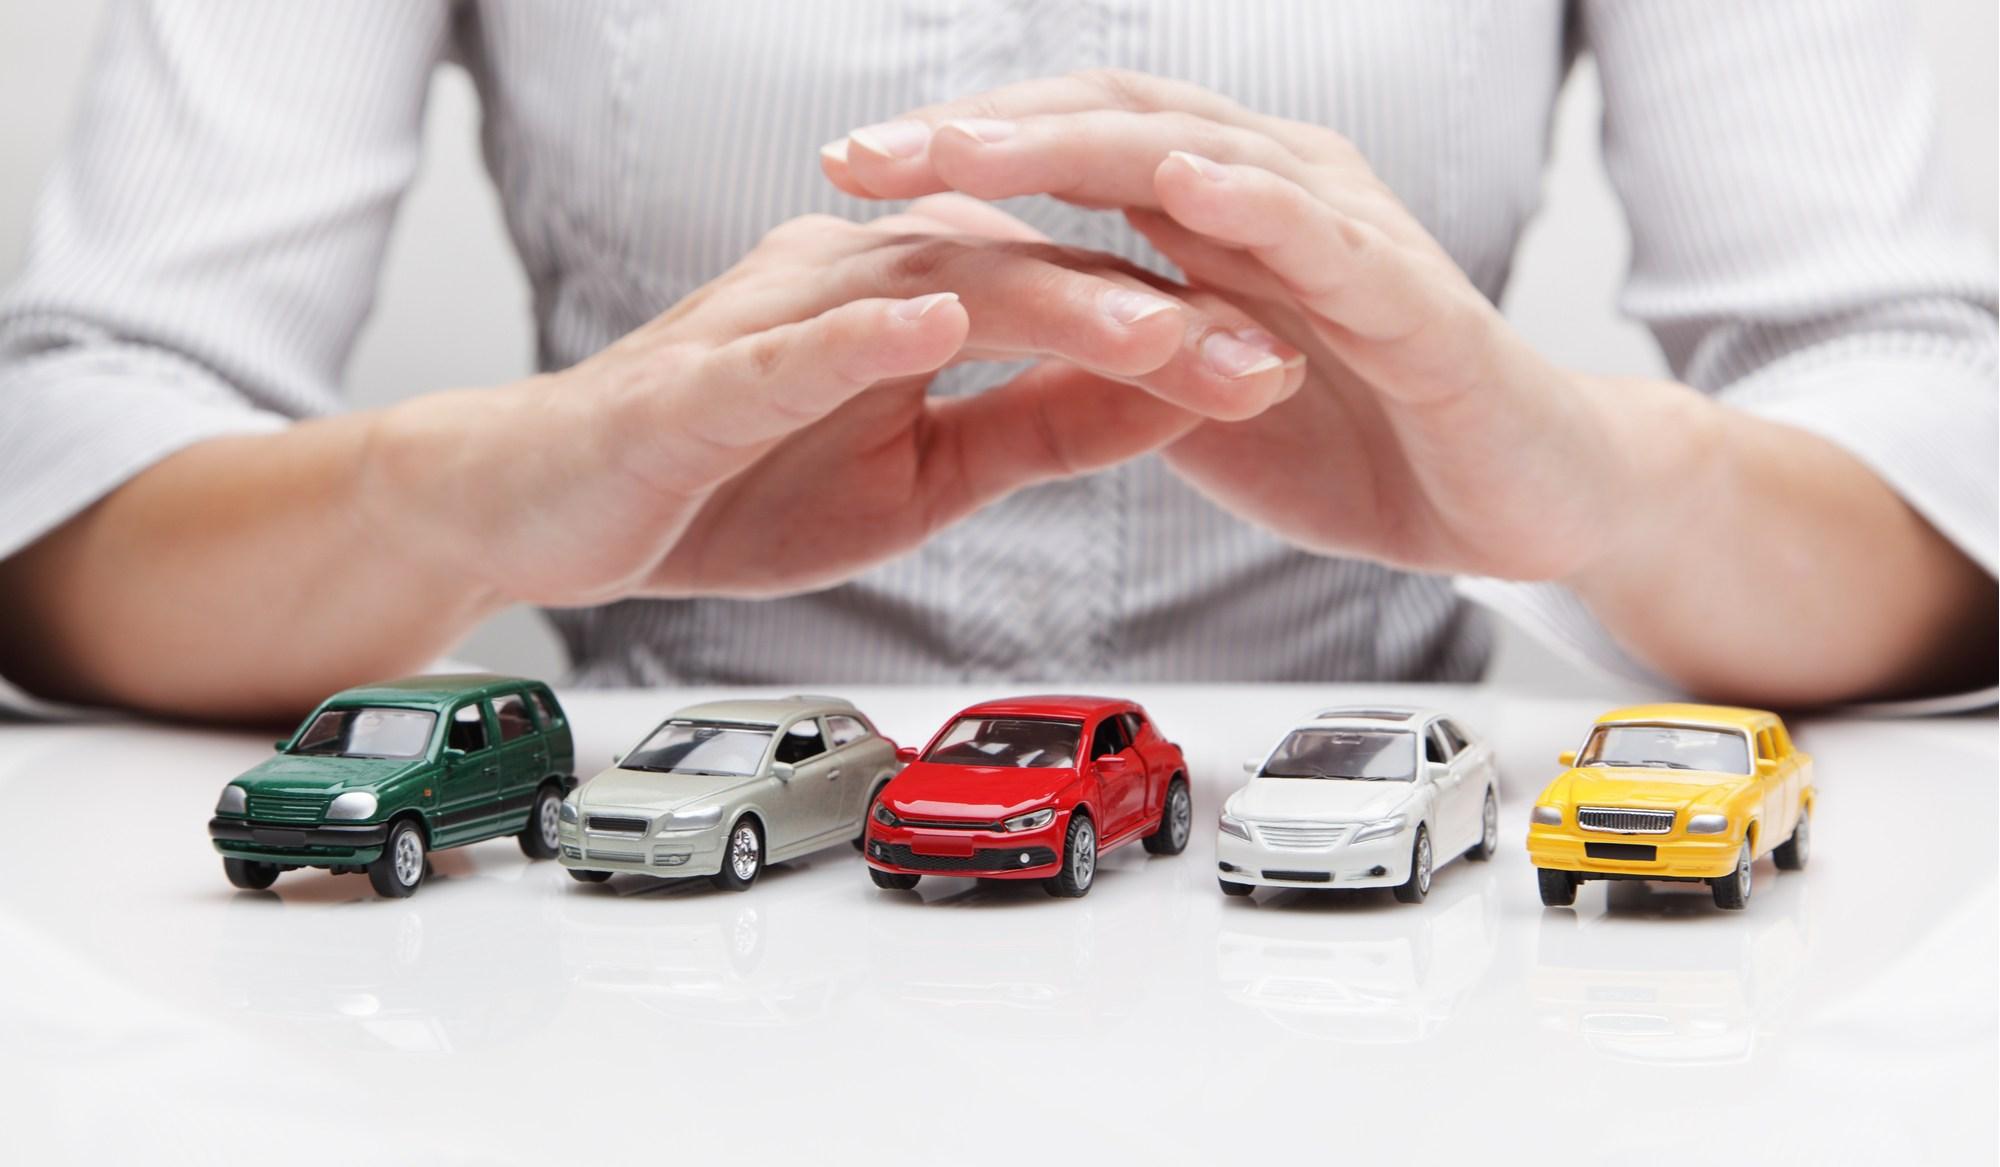 Entreprises : comment assurer votre flotte automobile ?